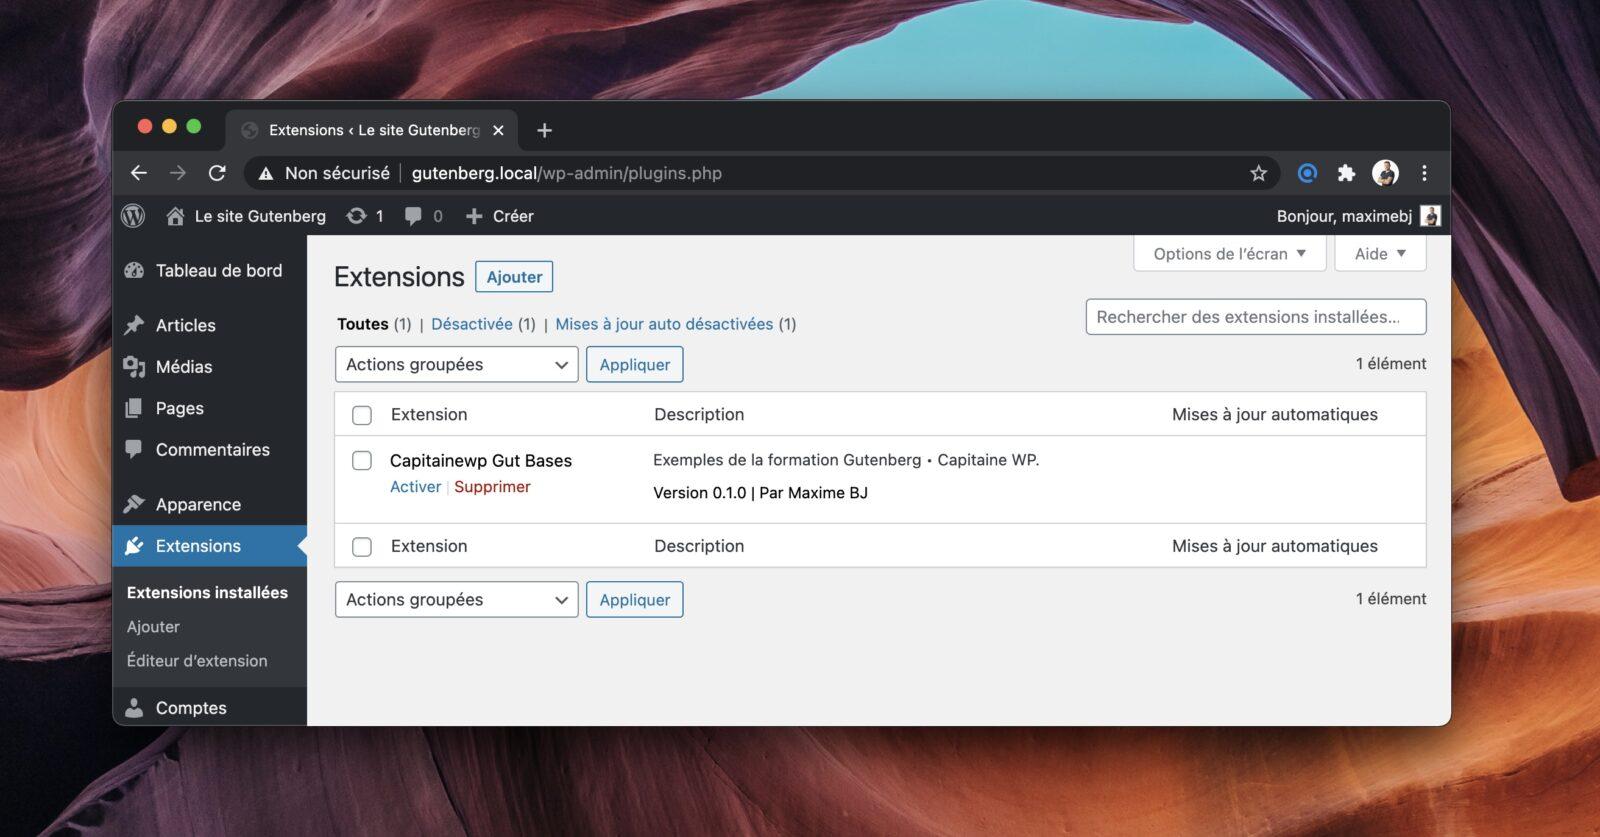 L'écran des extensions dans WordPress. Pour le moment, notre extension de blocs Gutenberg n'est pas activée